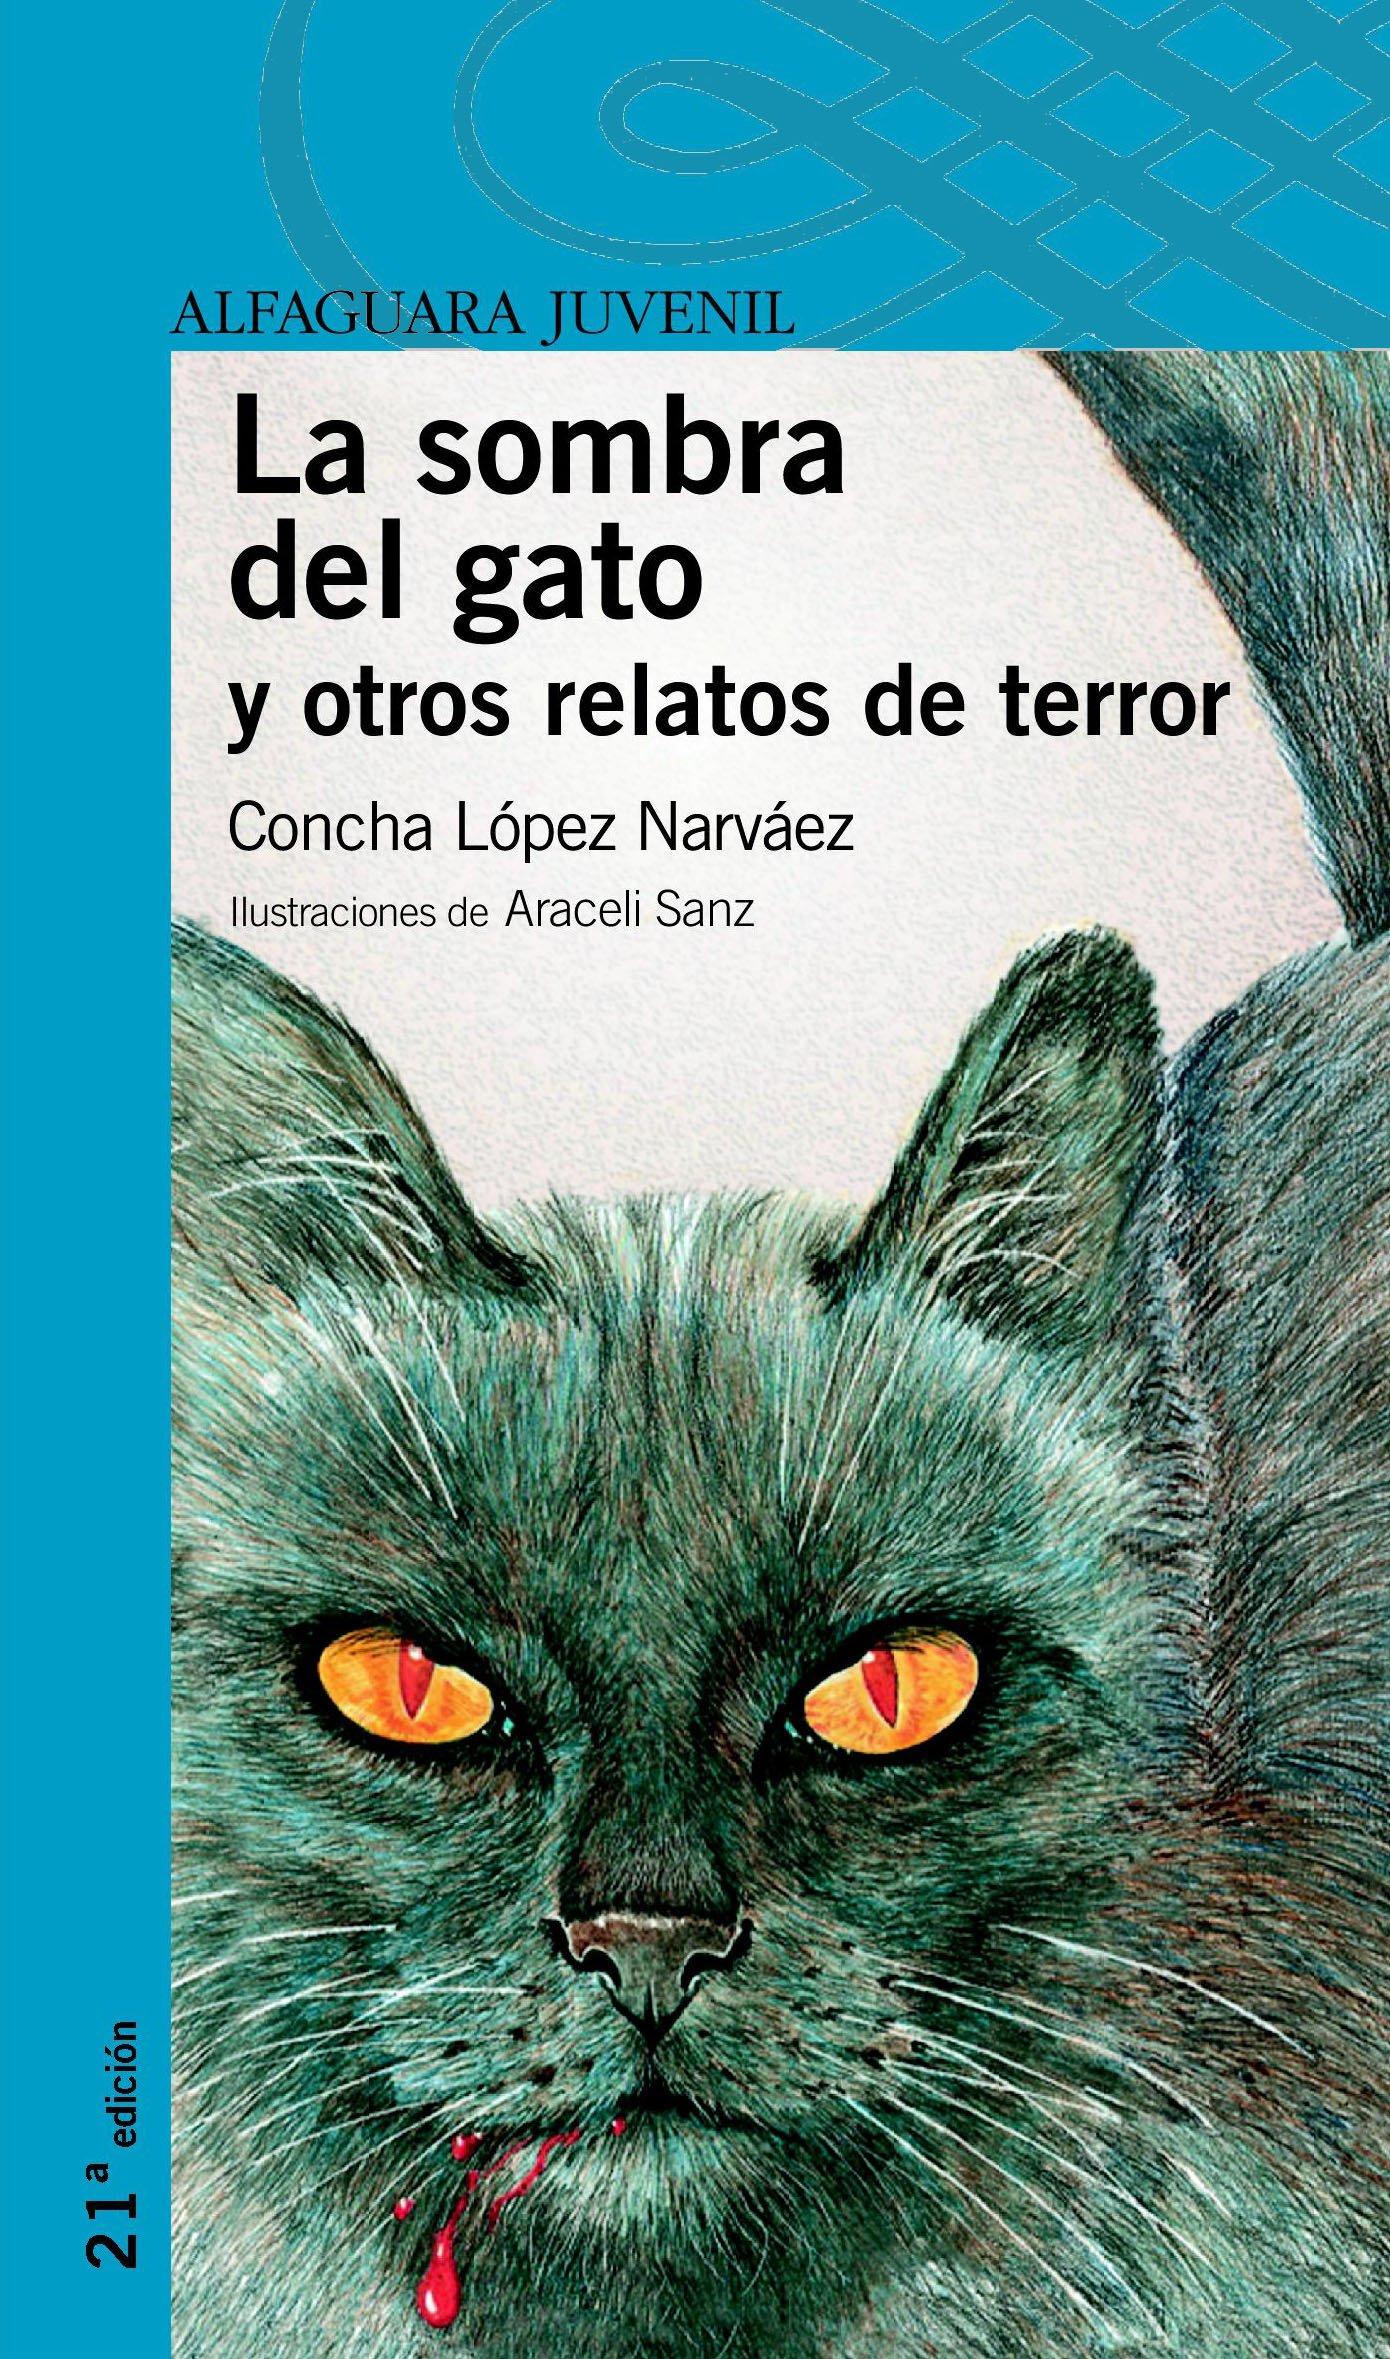 La sombra del gato y otros relatos de terror (Spanish) Paperback – 2002